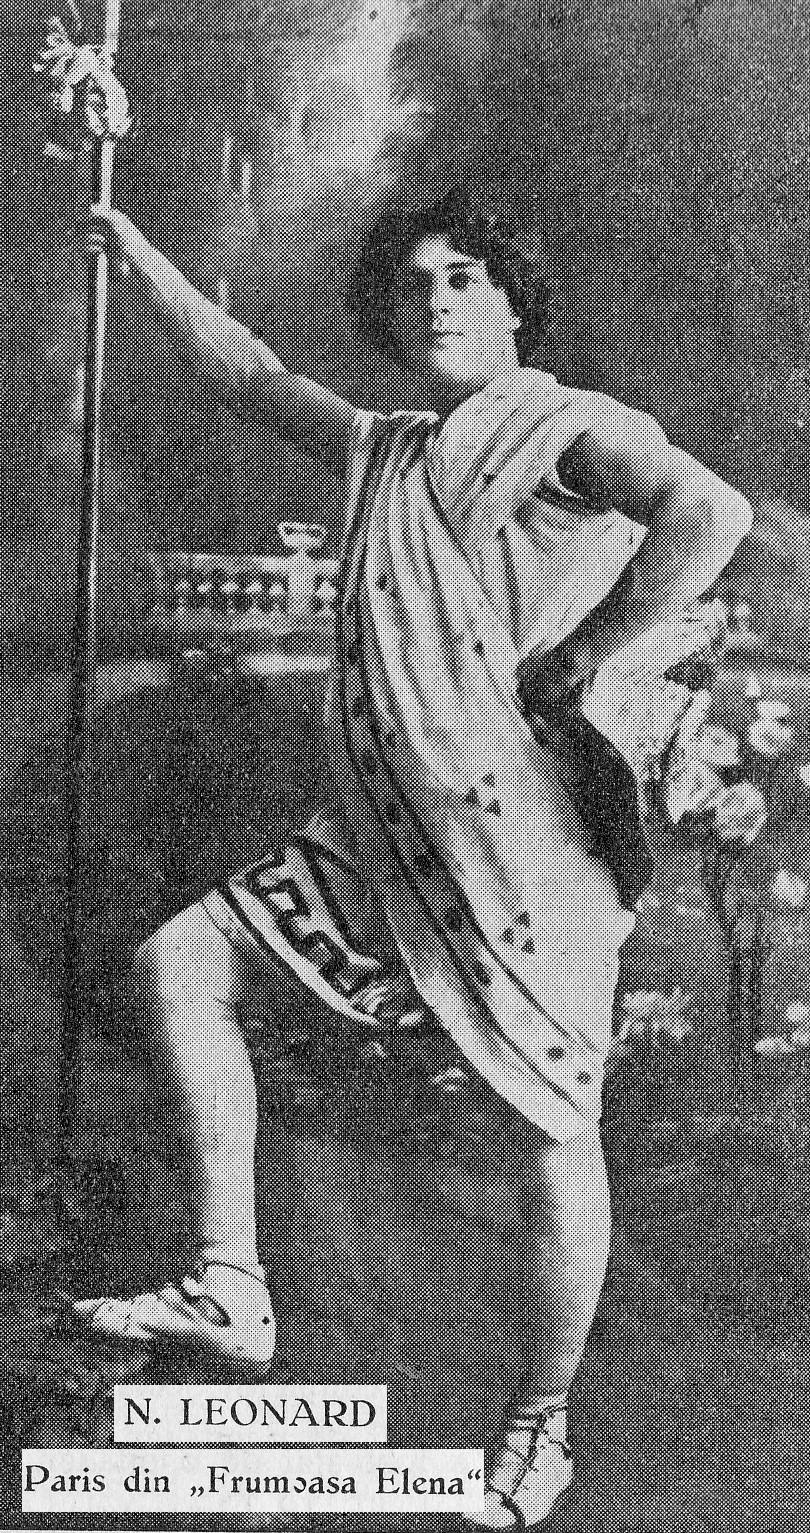 Leonard Nicolae